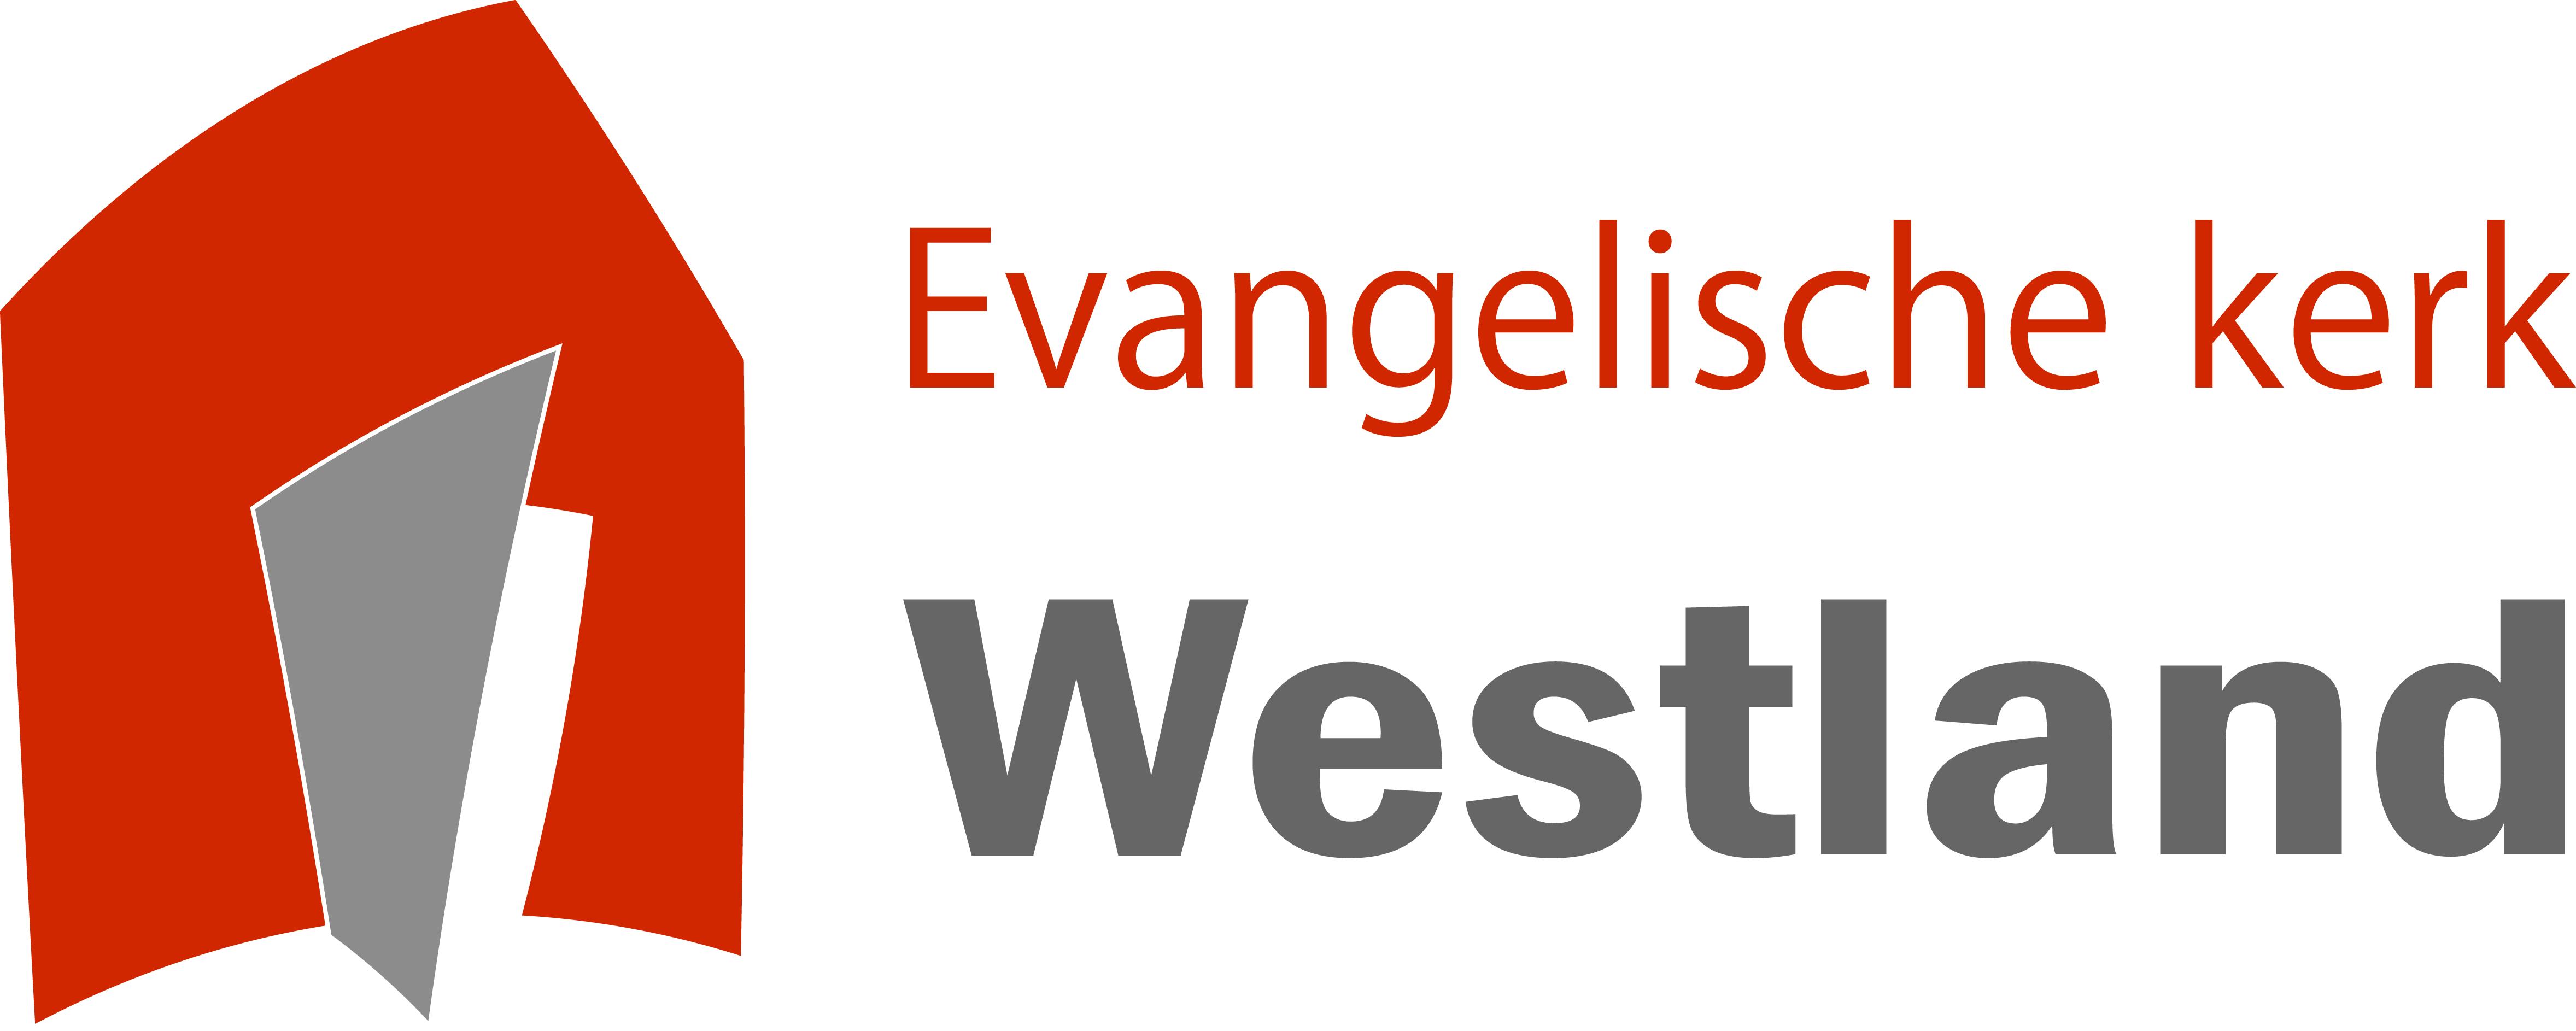 Evangelische kerk Westland